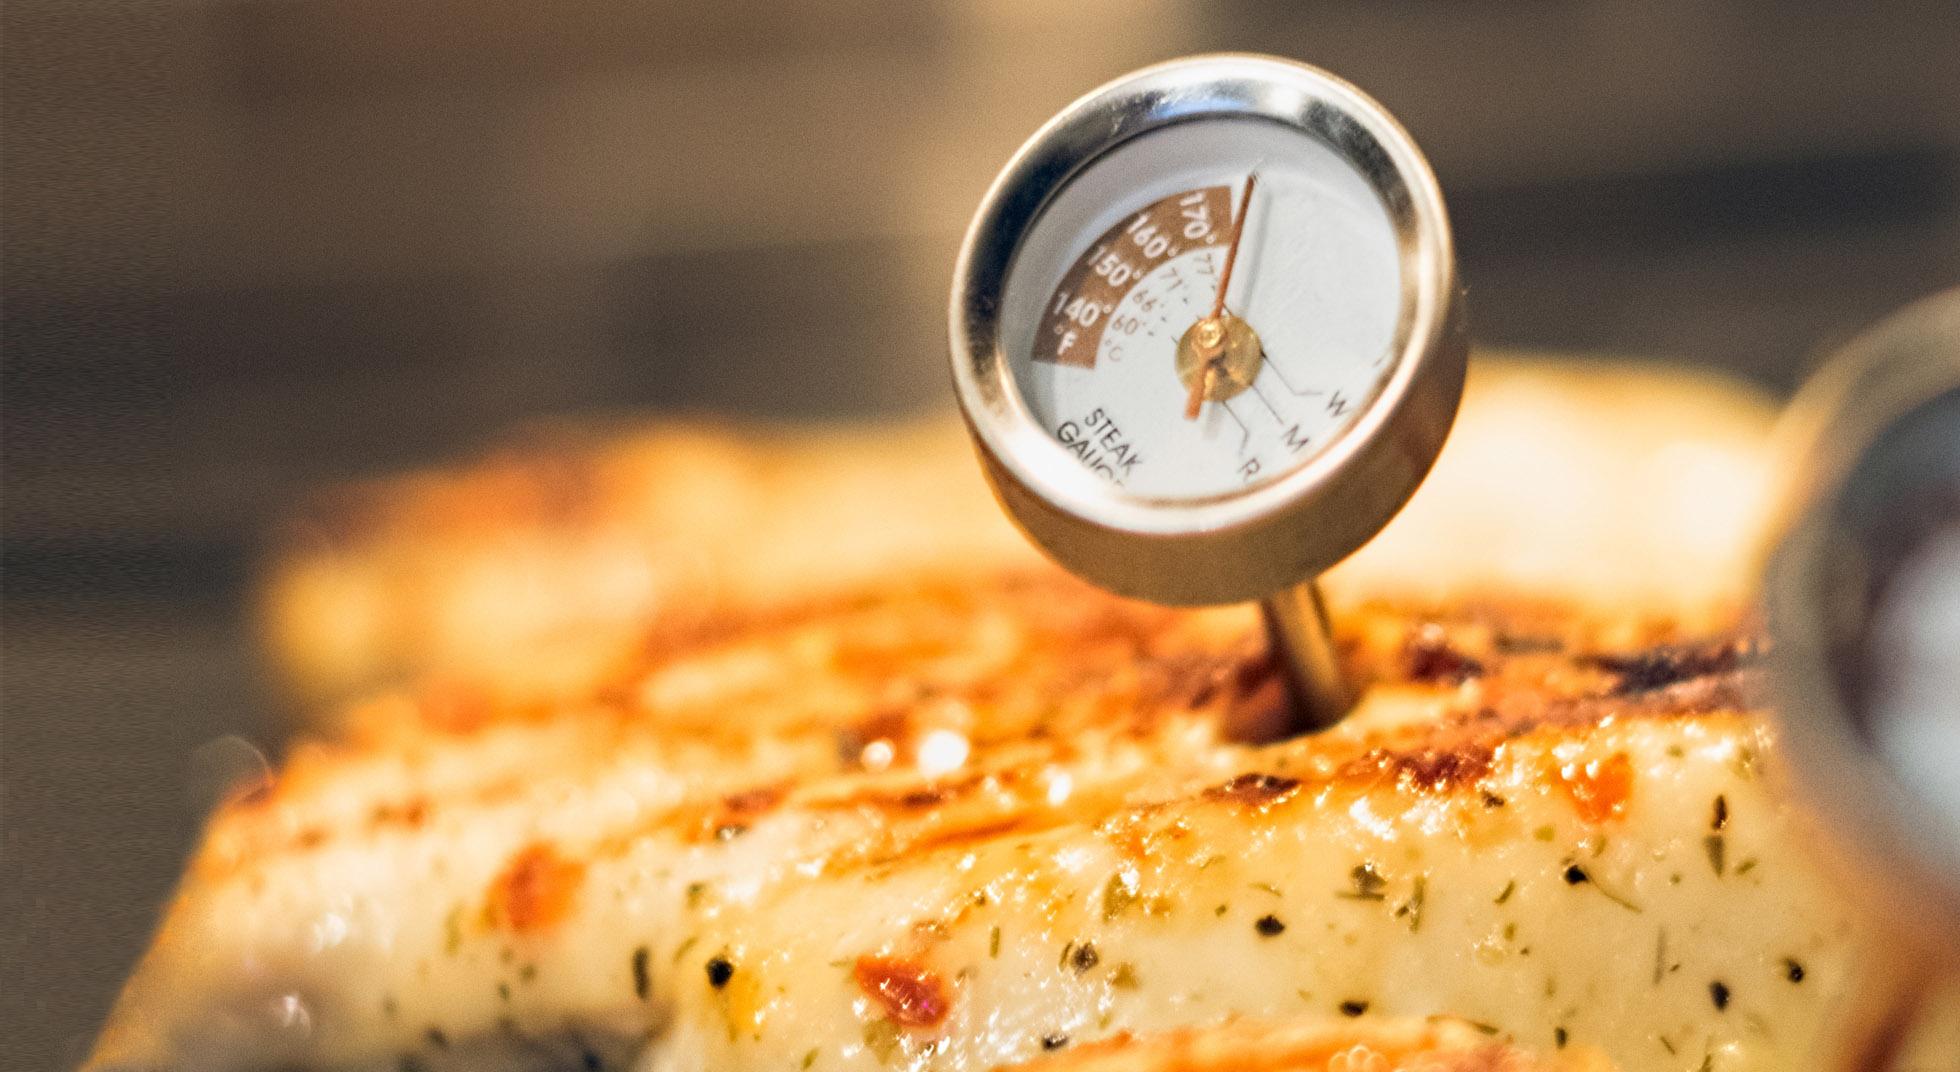 Termometro da cucina tutti i segreti per utilizzarlo aia food - Termometri da cucina ...